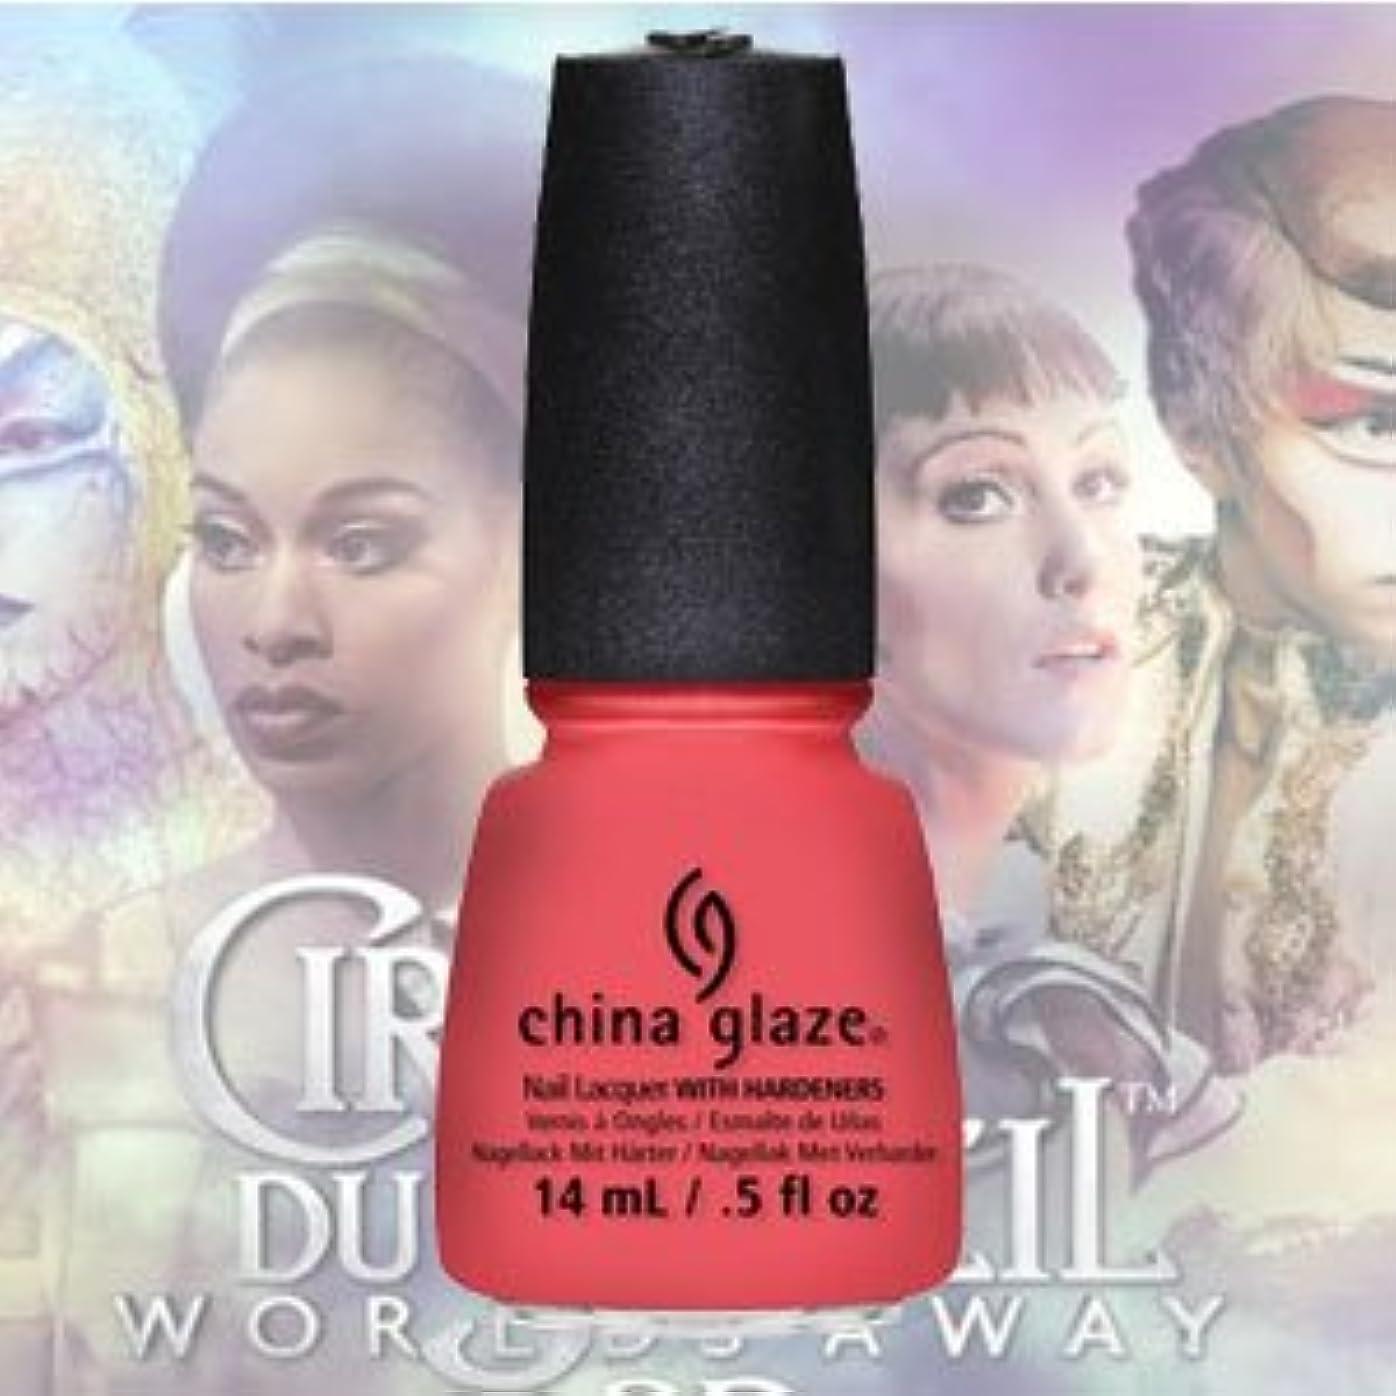 優越海峡ひも幸福(チャイナグレイズ)China Glaze Surreal AppealーCirque Du Soleil コレクション [海外直送品][並行輸入品]